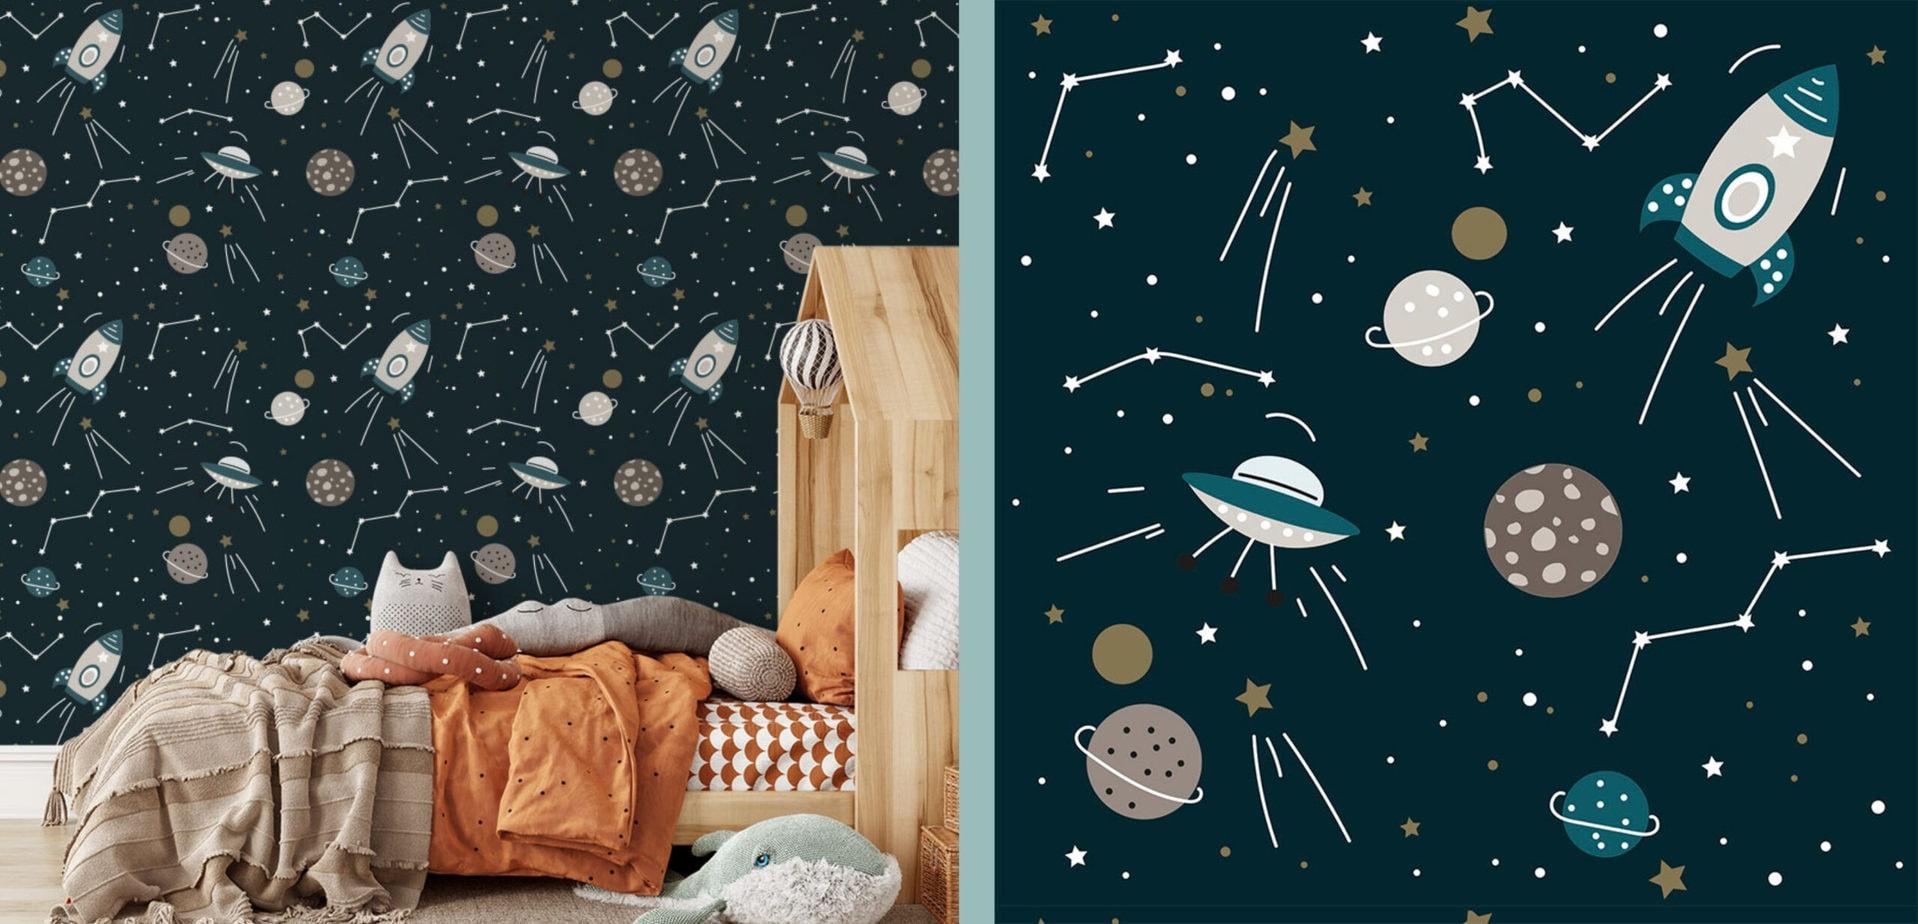 behang kinderkamer ruimtevaart heelal